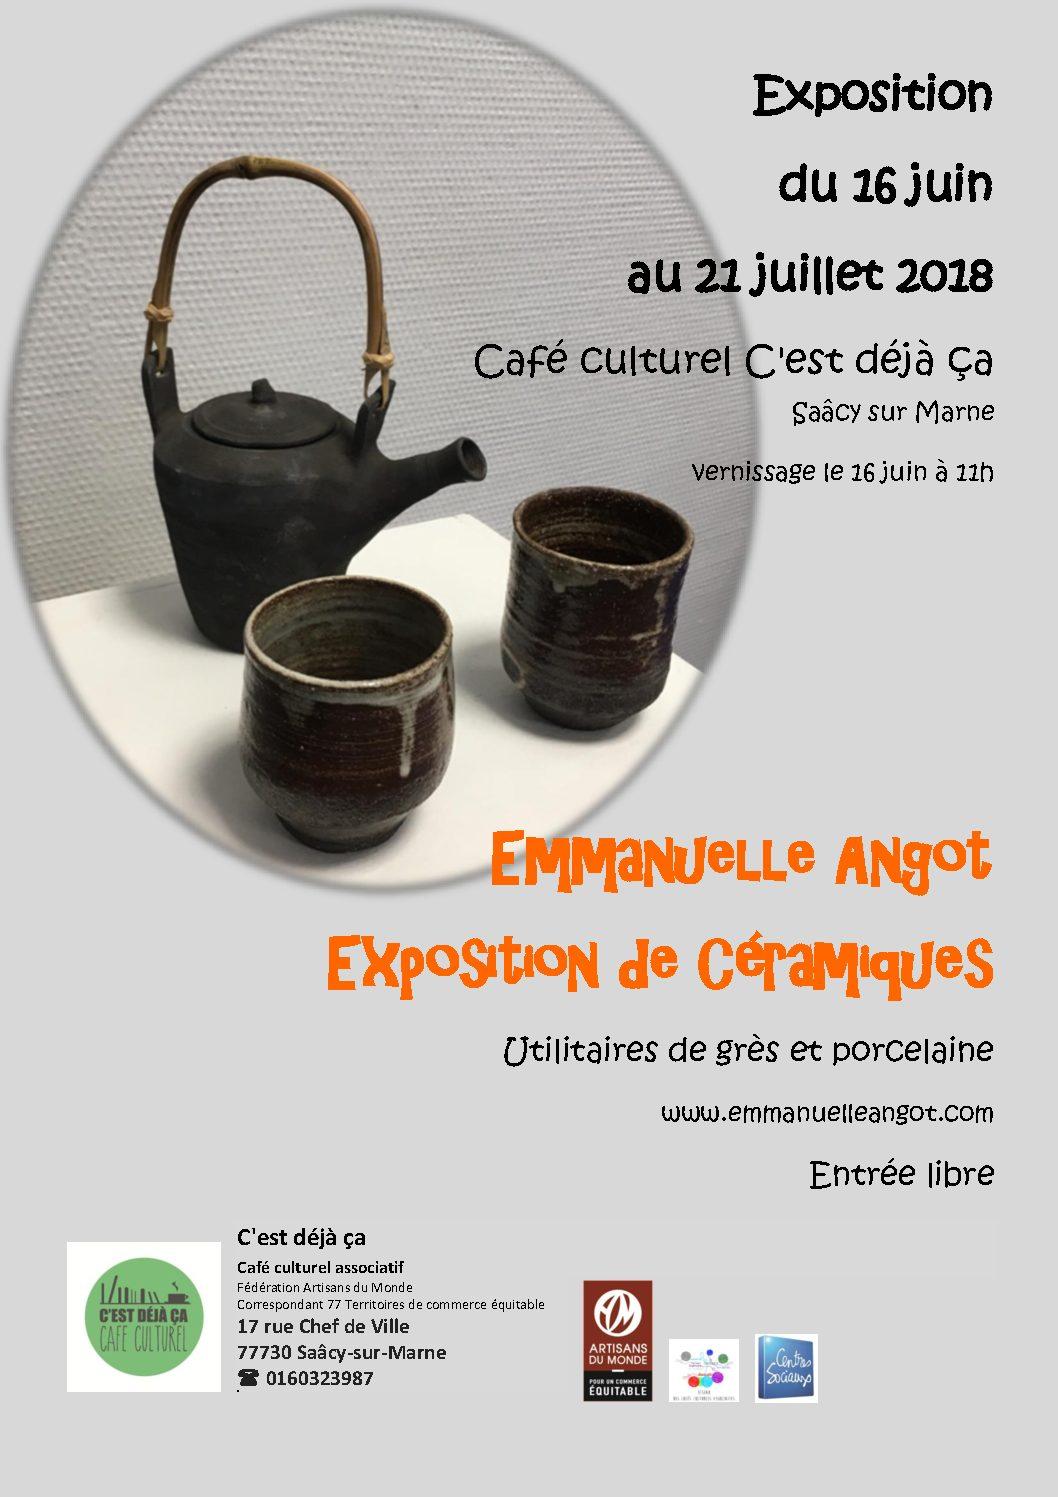 Exposition de début d'été en Seine-et-Marne 16/06 – 21/07 2018